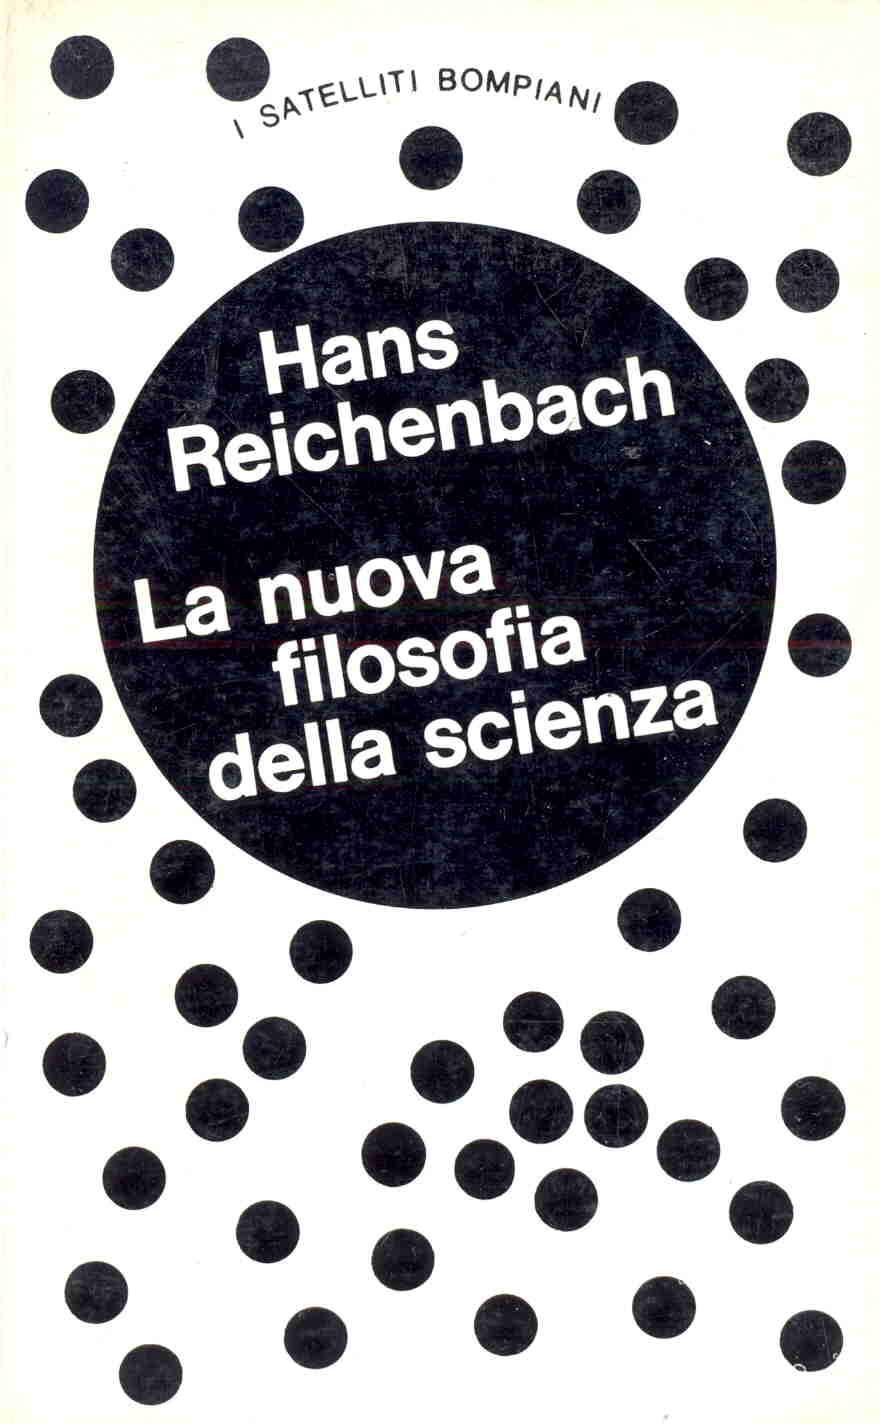 La nuova filosofia della scienza